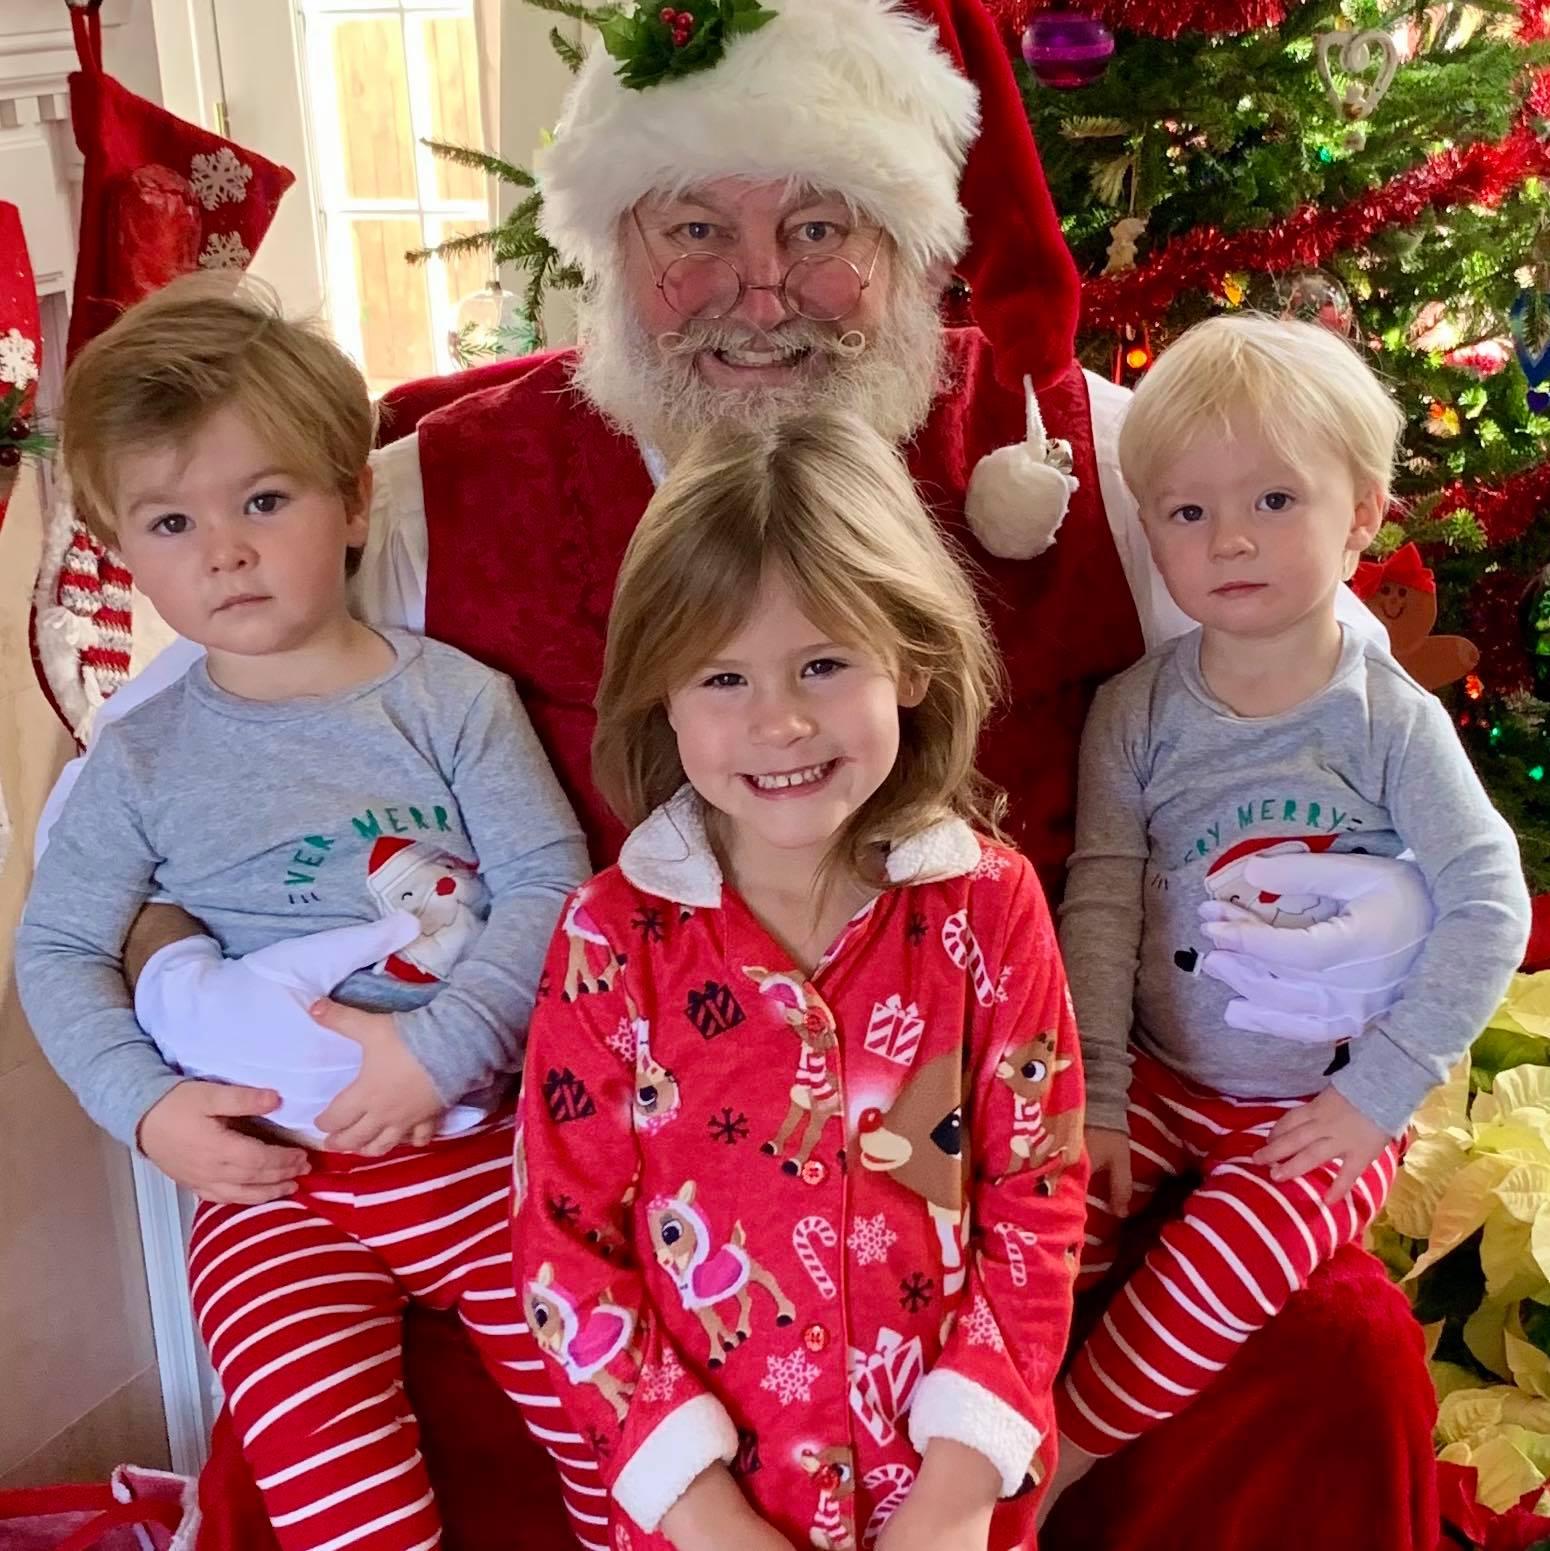 Santa and 3 kids